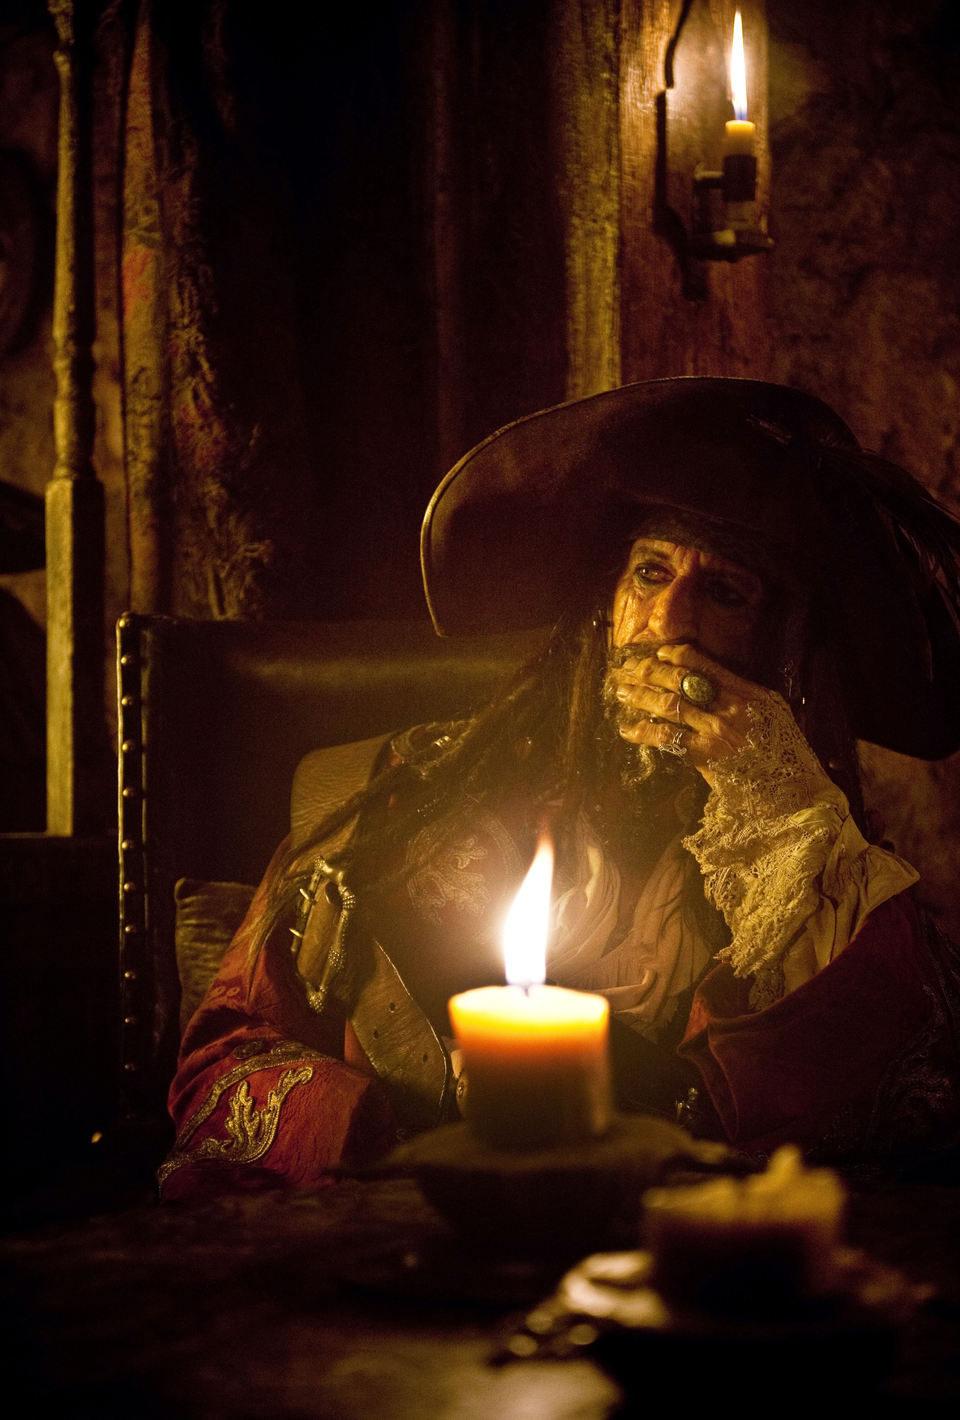 Piratas del Caribe: En mareas misteriosas, fotograma 61 de 86